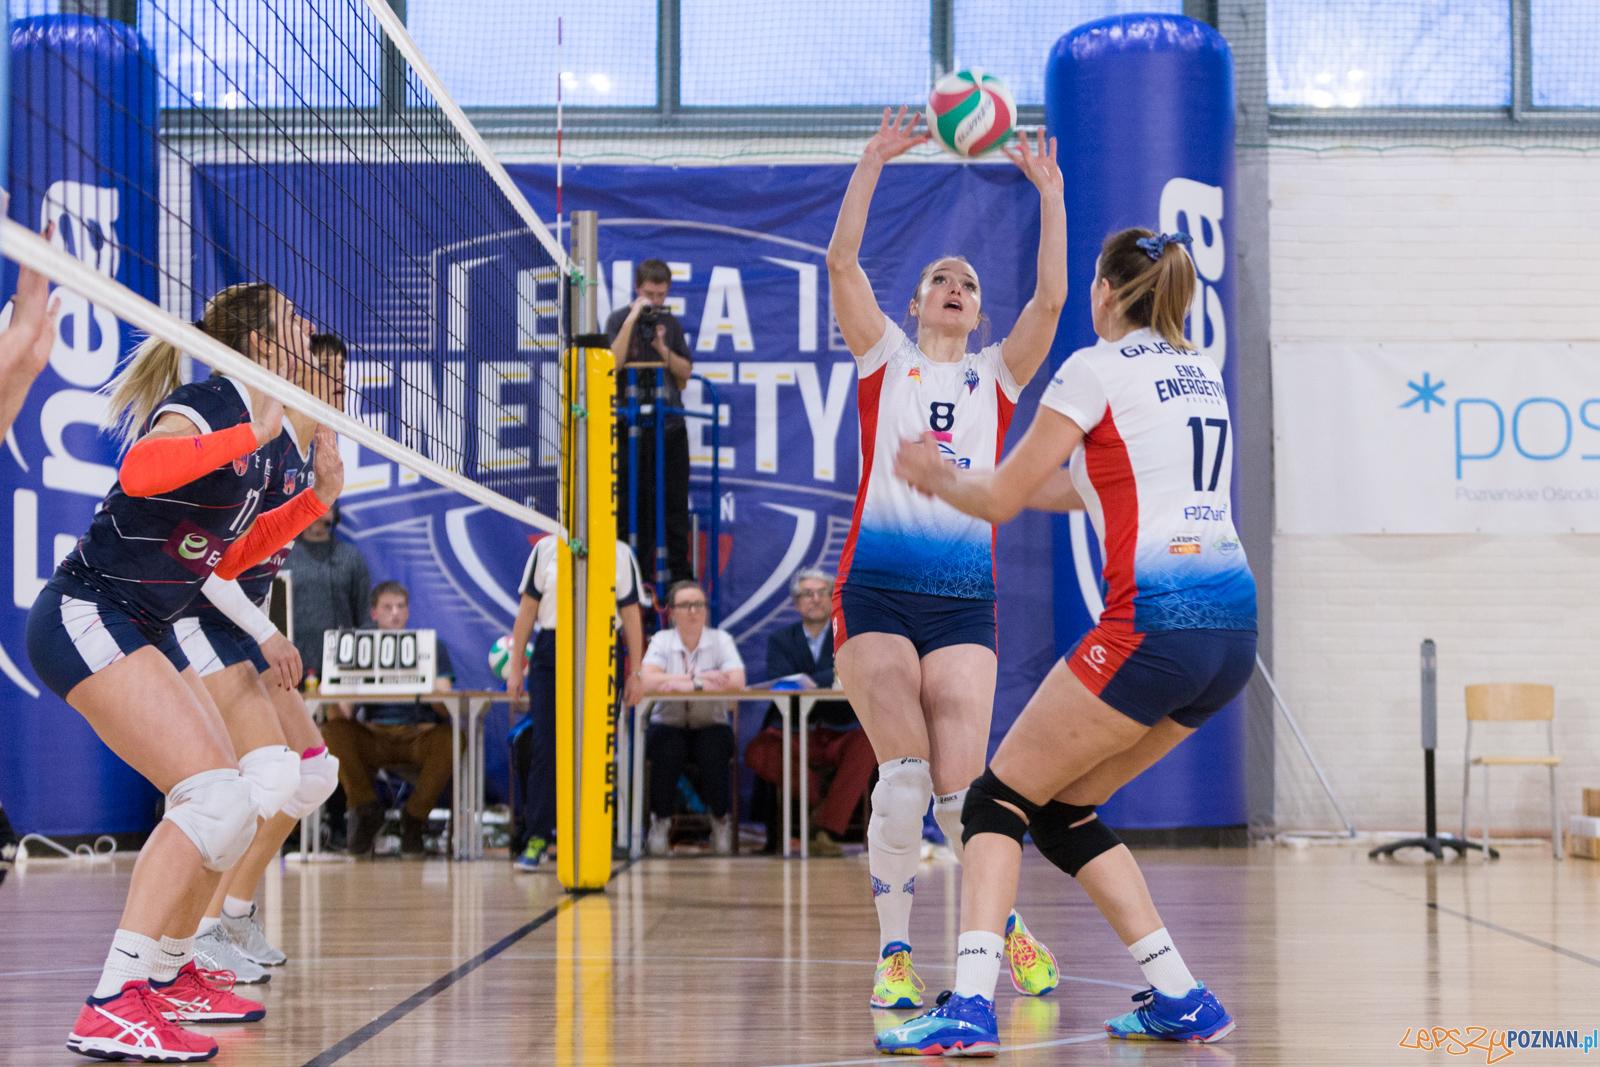 Enea Energetyk Poznań - Energa MKS Kalisz  Foto: lepszyPOZNAN.pl/Piotr Rychter